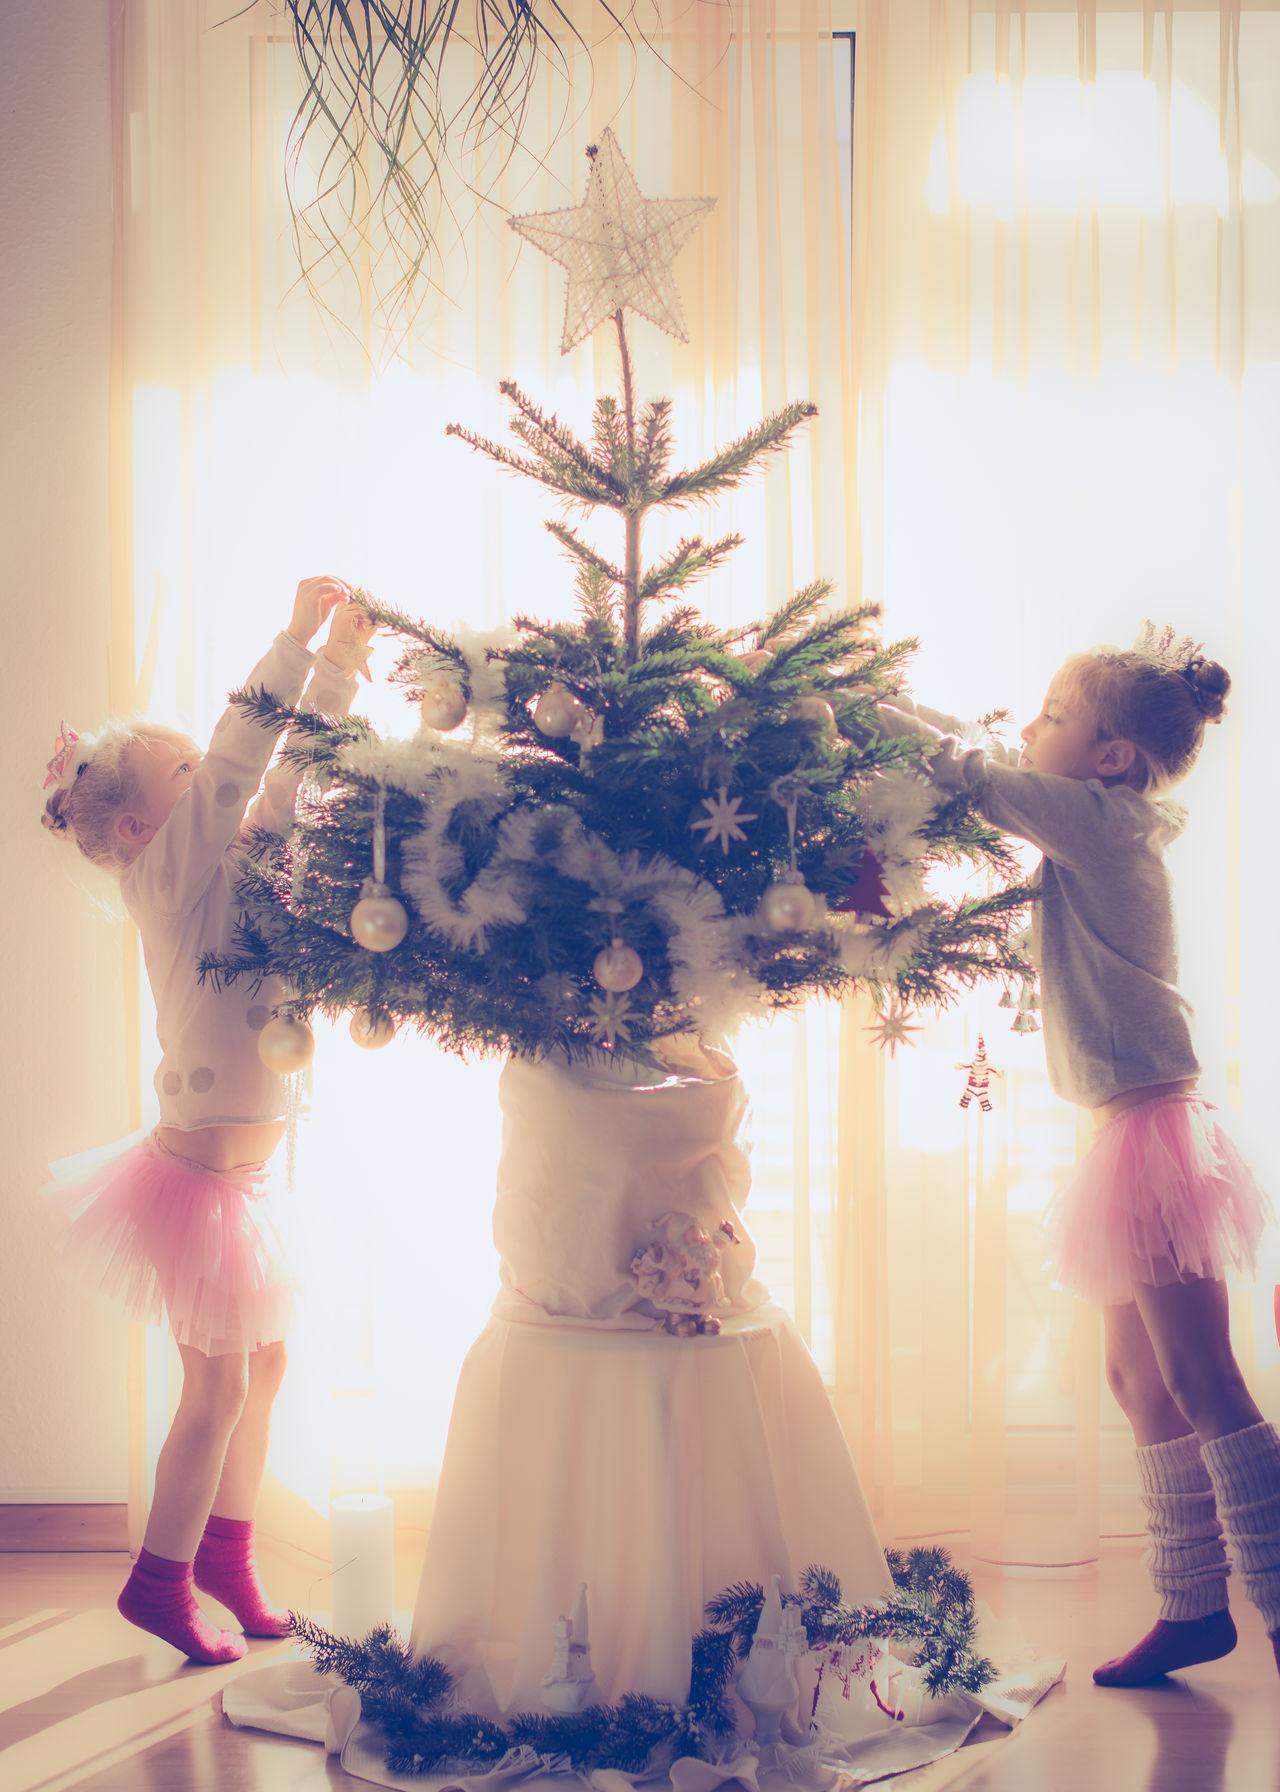 Beautiful stock photos of weihnachtsbaum,  4-5 Years,  6-7 Years,  Childhood,  Christmas